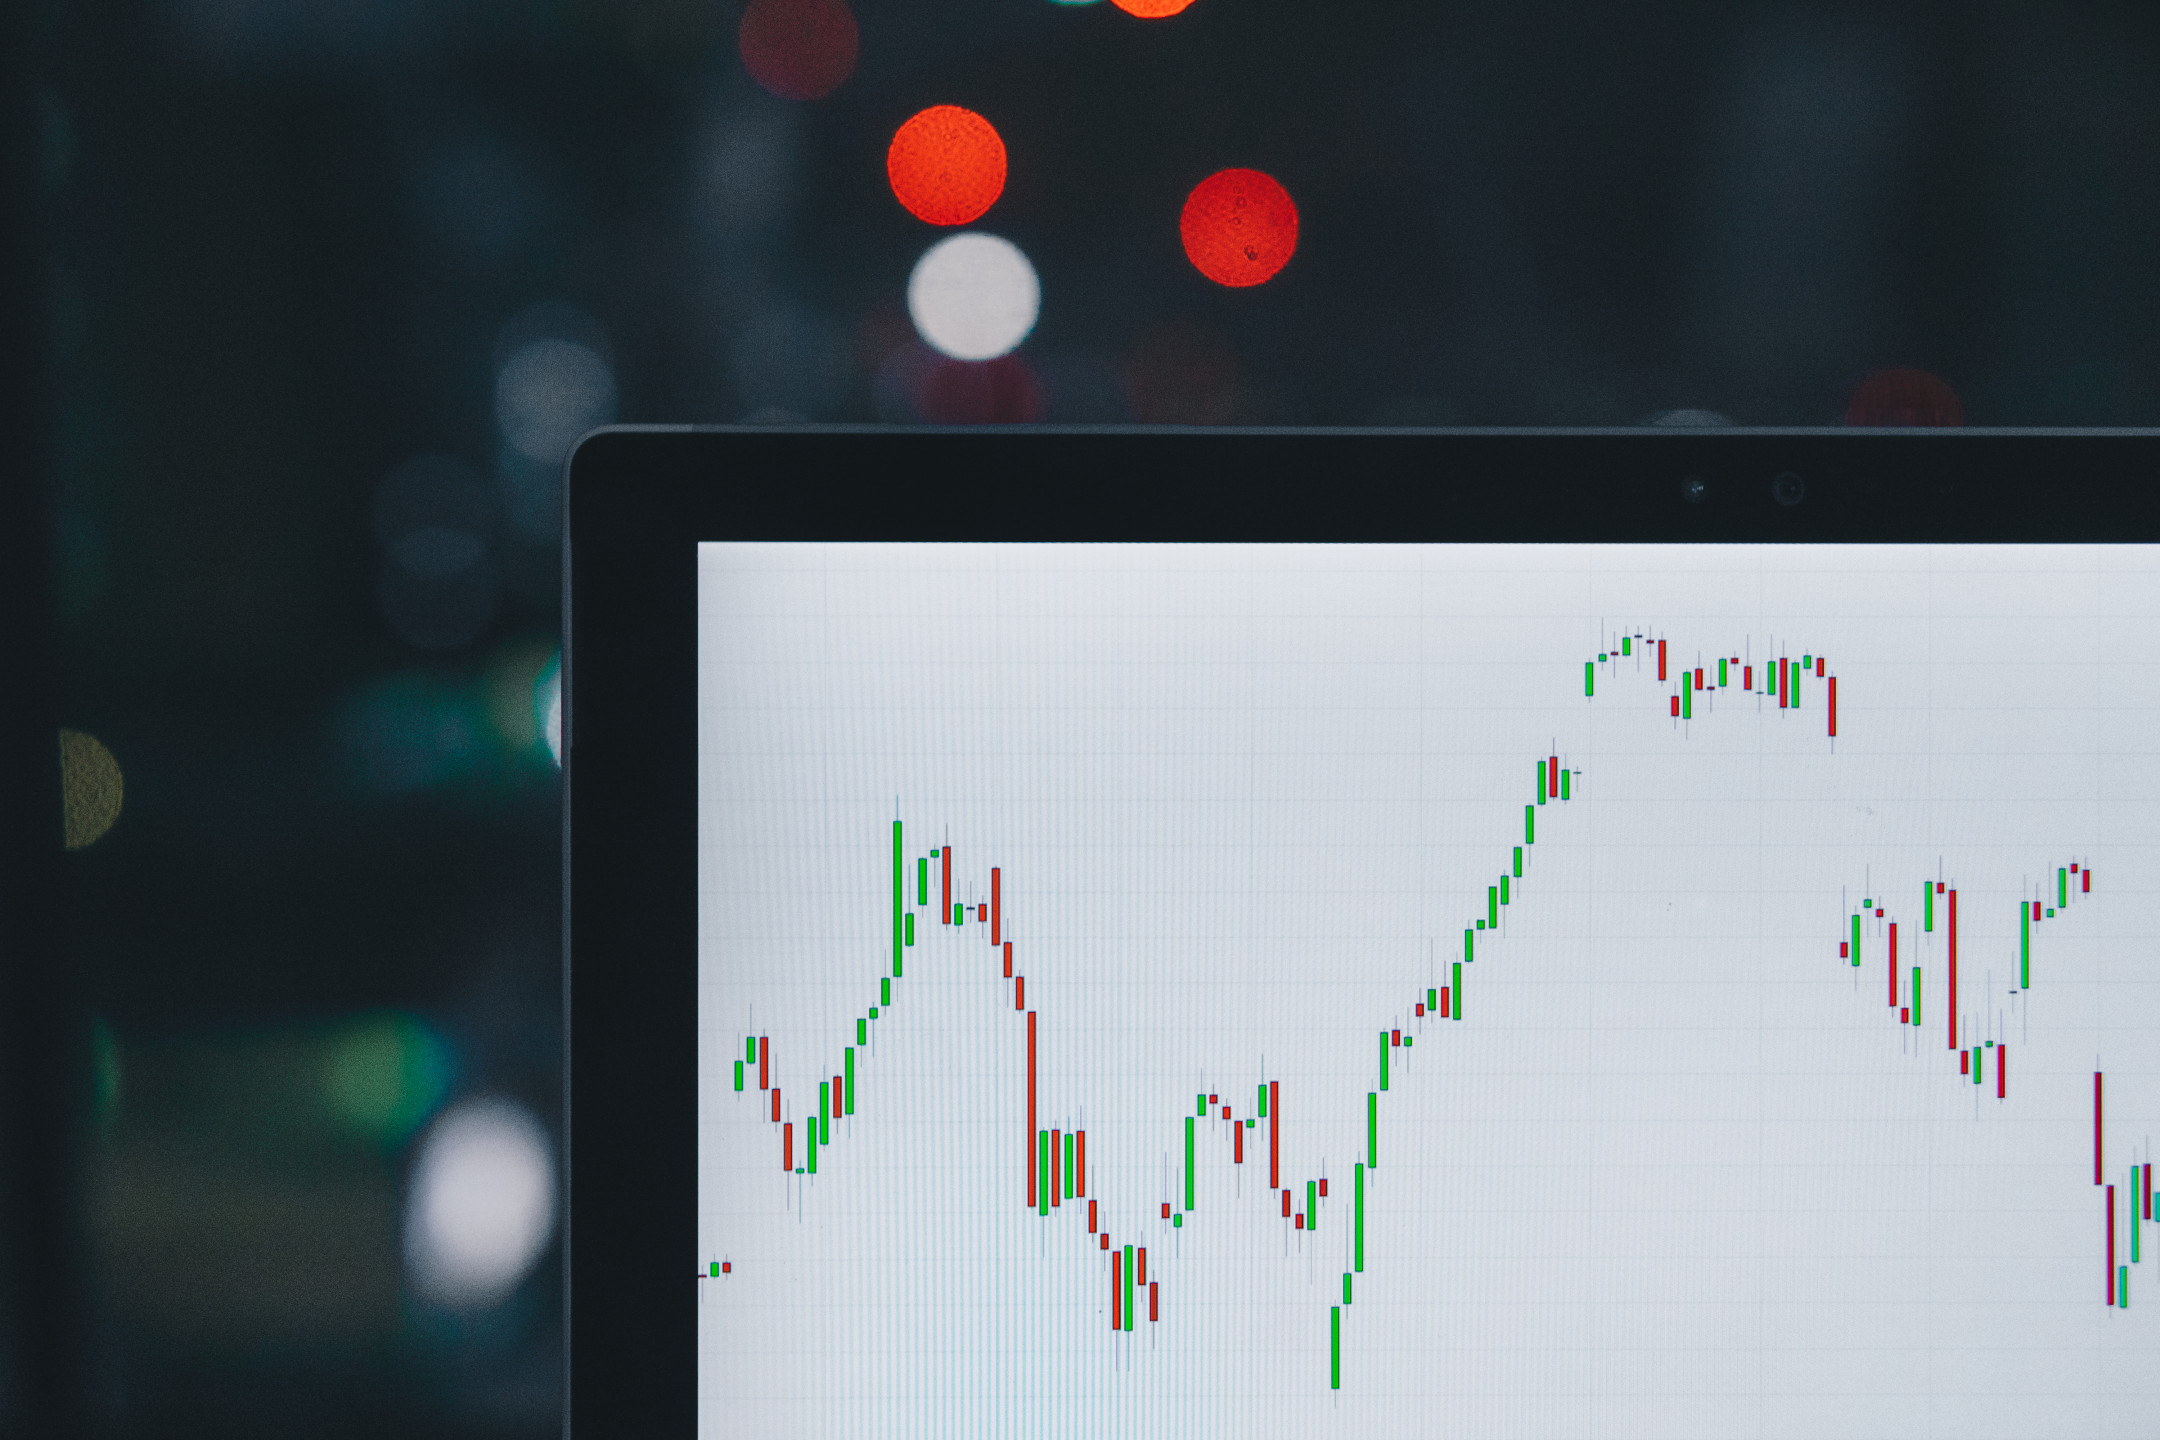 Dow Jones analysis -  Index vulnerable to break below 27000